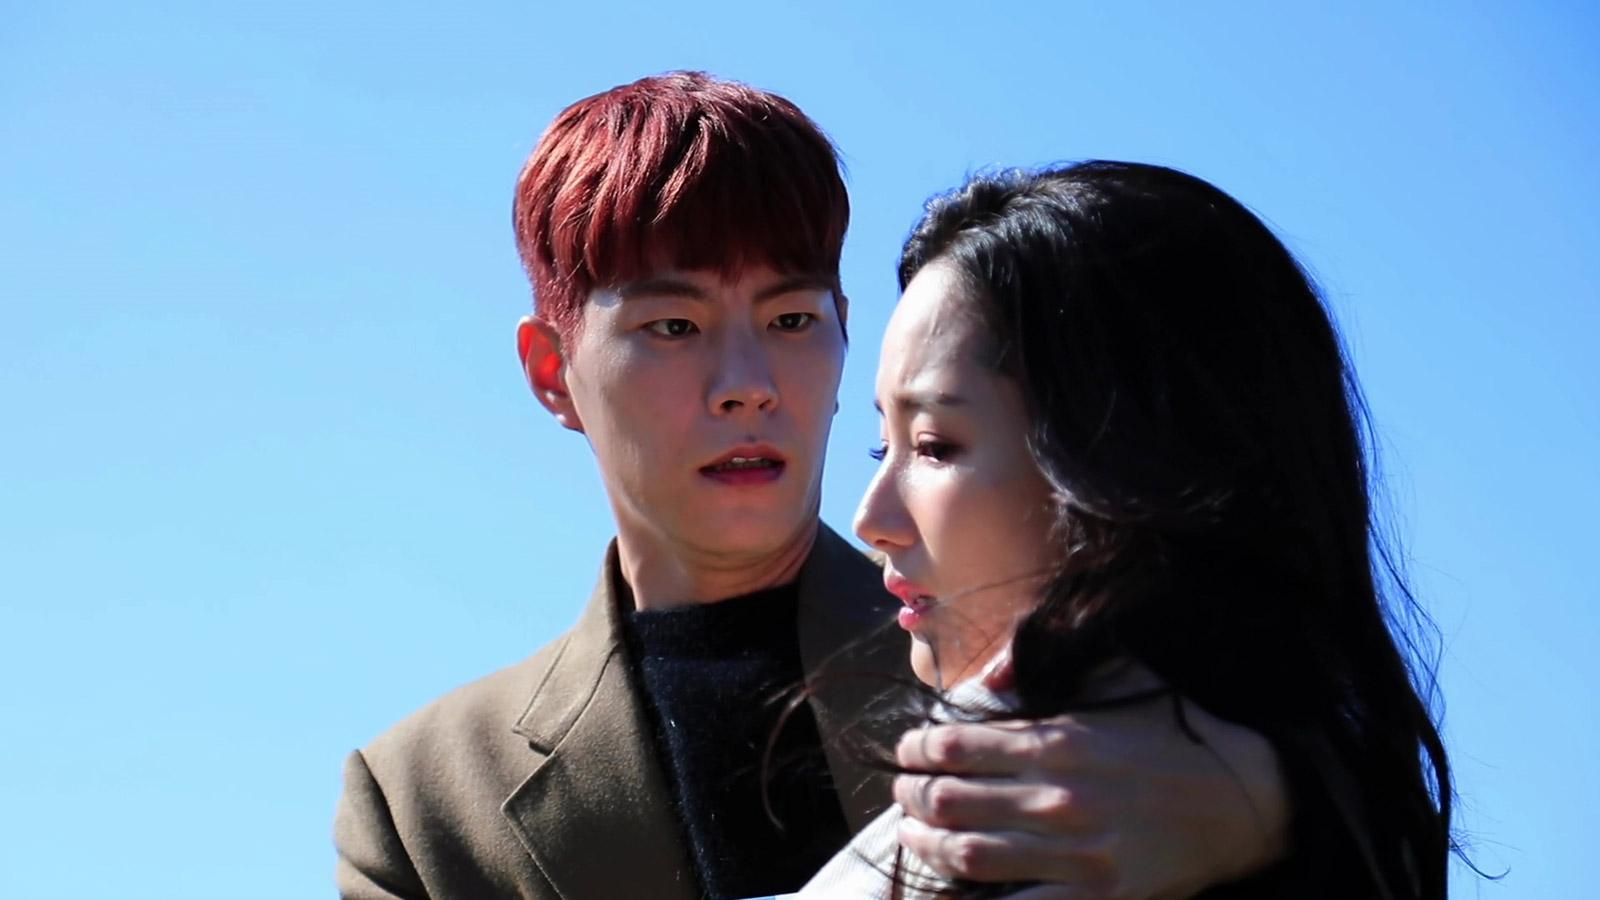 busted hong jong hyun